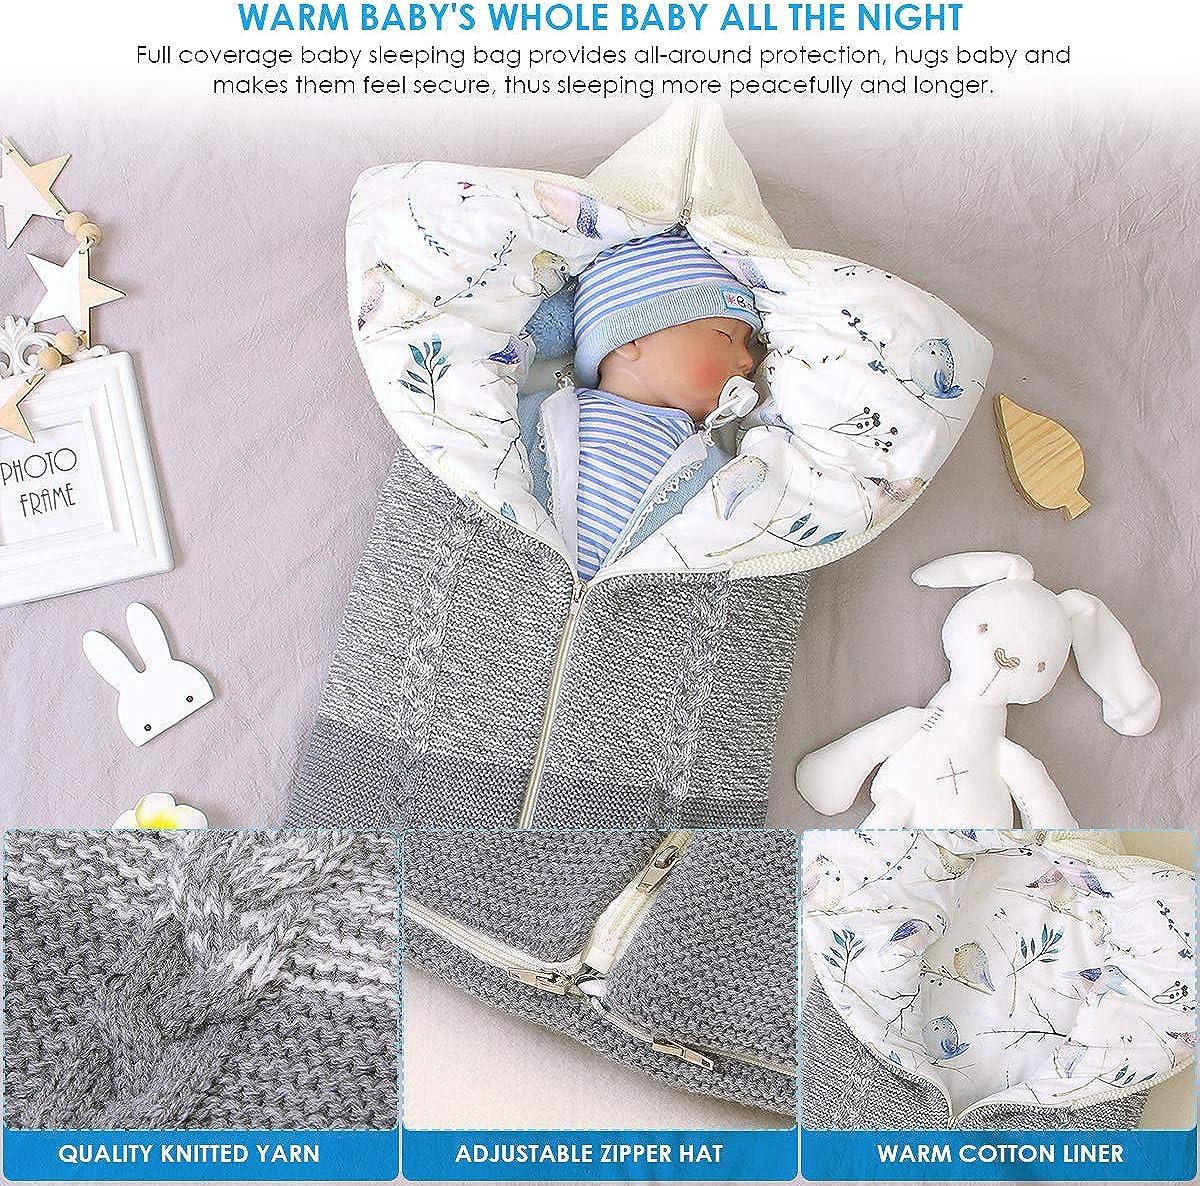 Petyoung Neugeborenes Baby Kinderwagen Schlafsack Wickeldecke Multifunktions-Kinderwagen Wrap Schlafmatte Dicken Warmen Schlafsack f/ür Jungen M/ädchen 0-12 Monate